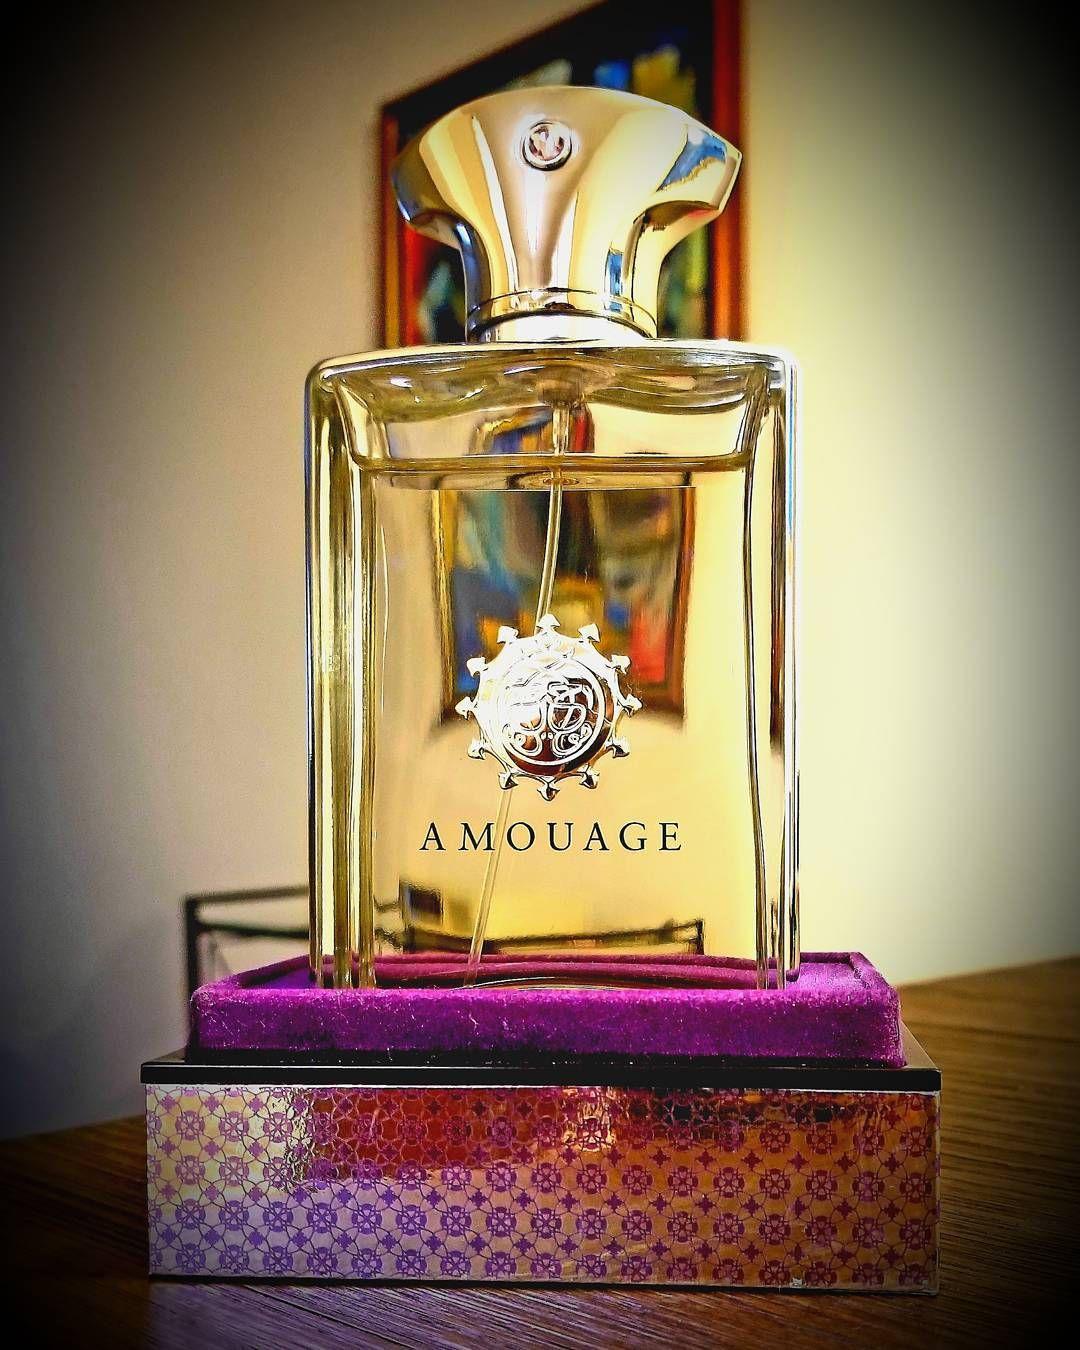 Epingle Par Izyparfum Sur Amouage Parfum Cacharel Parfum Coco Grasse Parfum